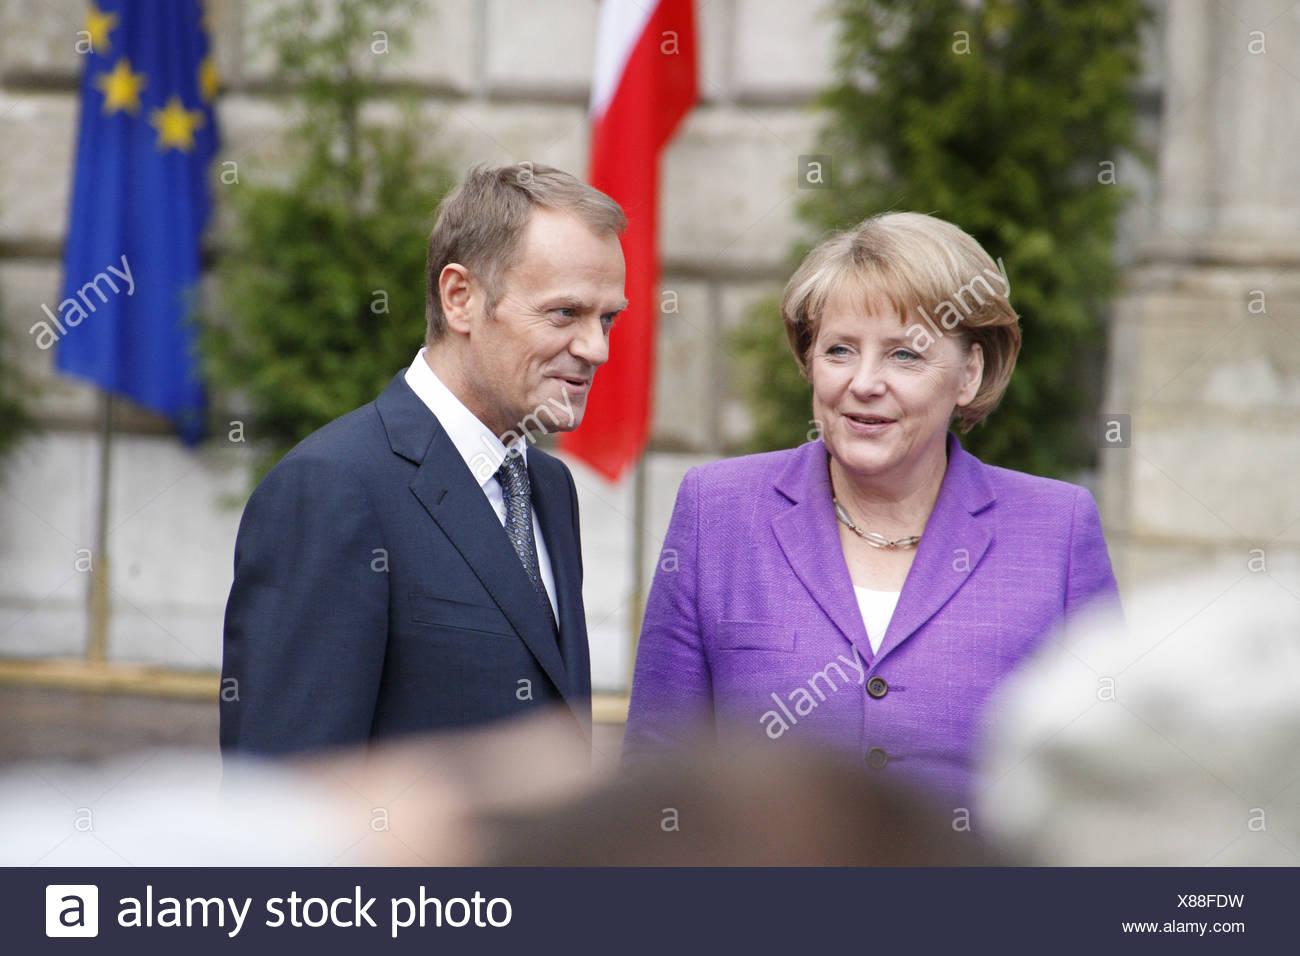 Angela Merkel et Donald Tusk, au cours du 20ème anniversaire de la chute du communisme, 04/06/2009, à Cracovie, Pologne, Europe Photo Stock